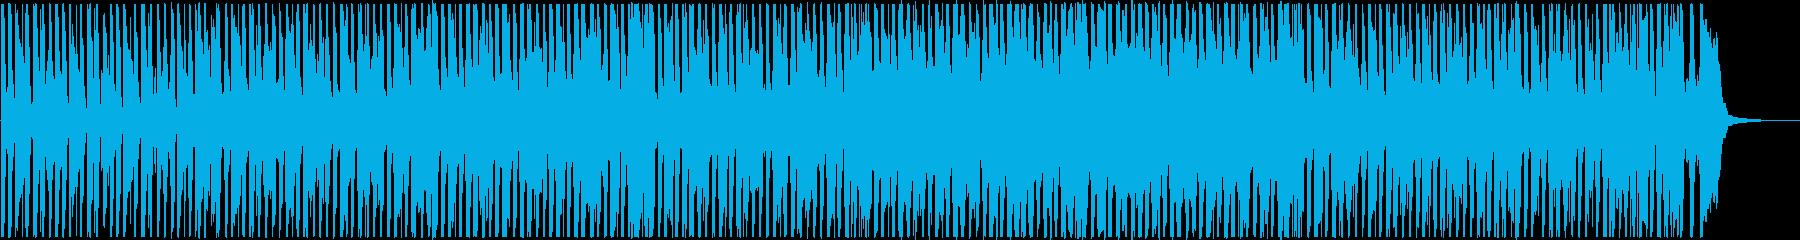 モータウンサウンド風の明るいBGMの再生済みの波形